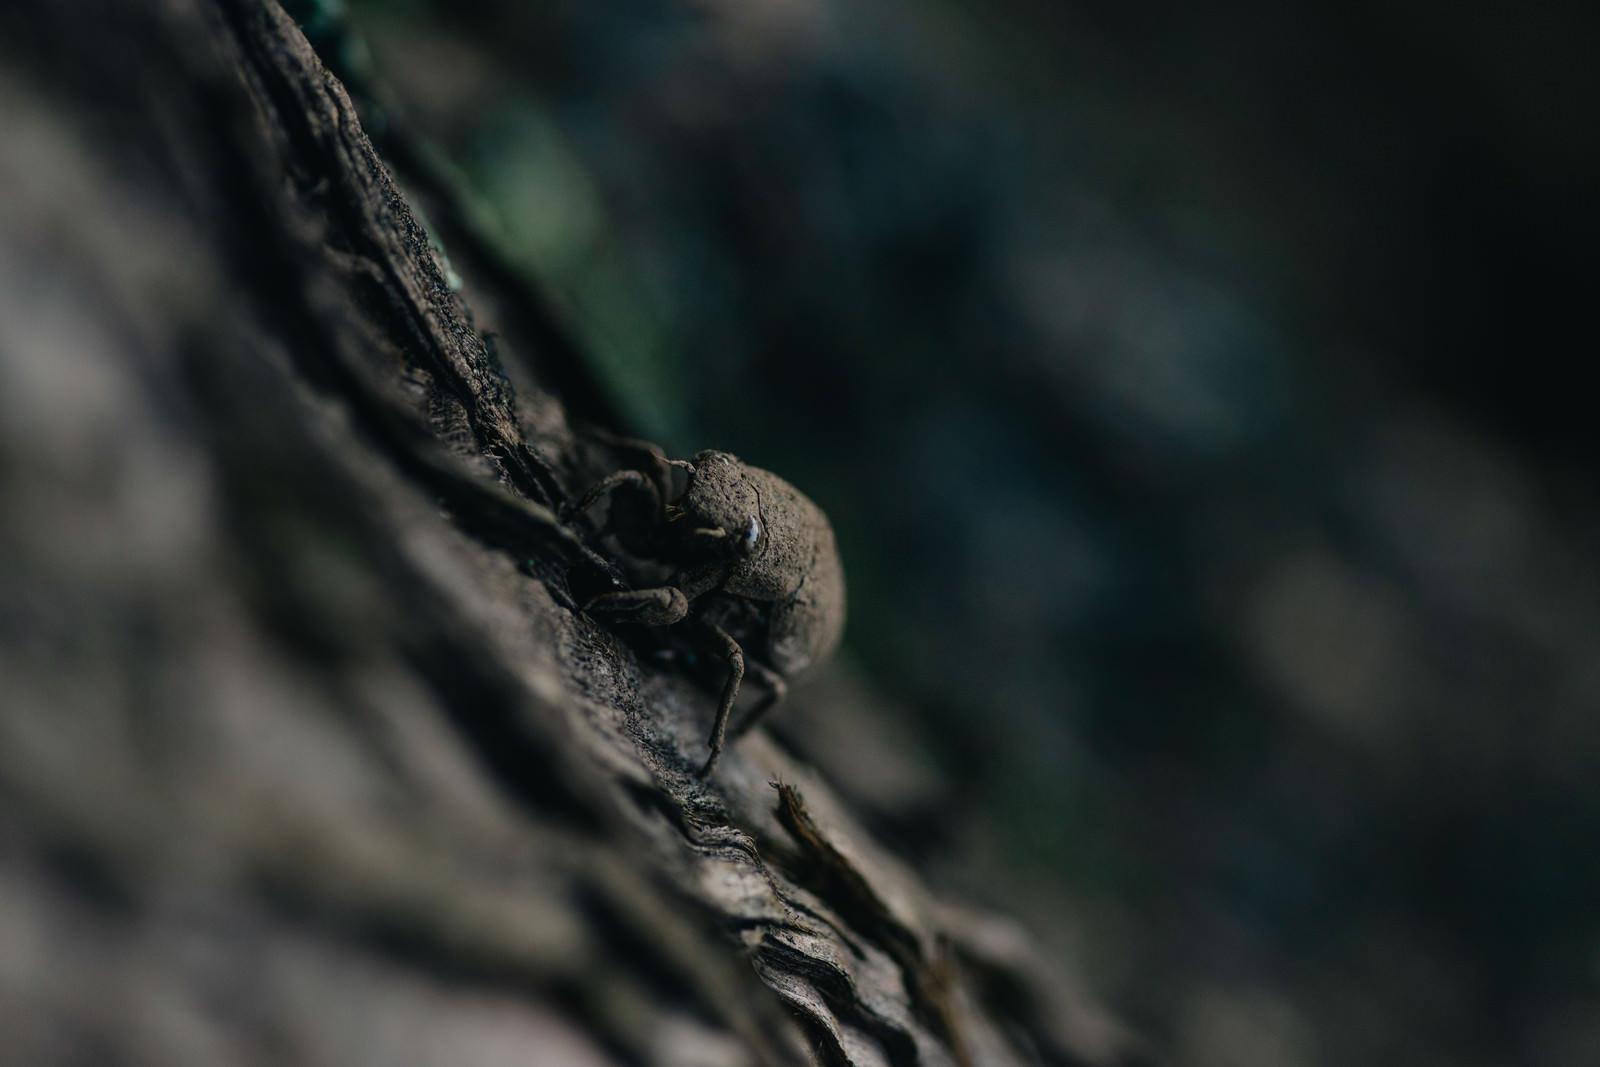 「地上から這い上がり木に捕まる蝉の幼虫」の写真